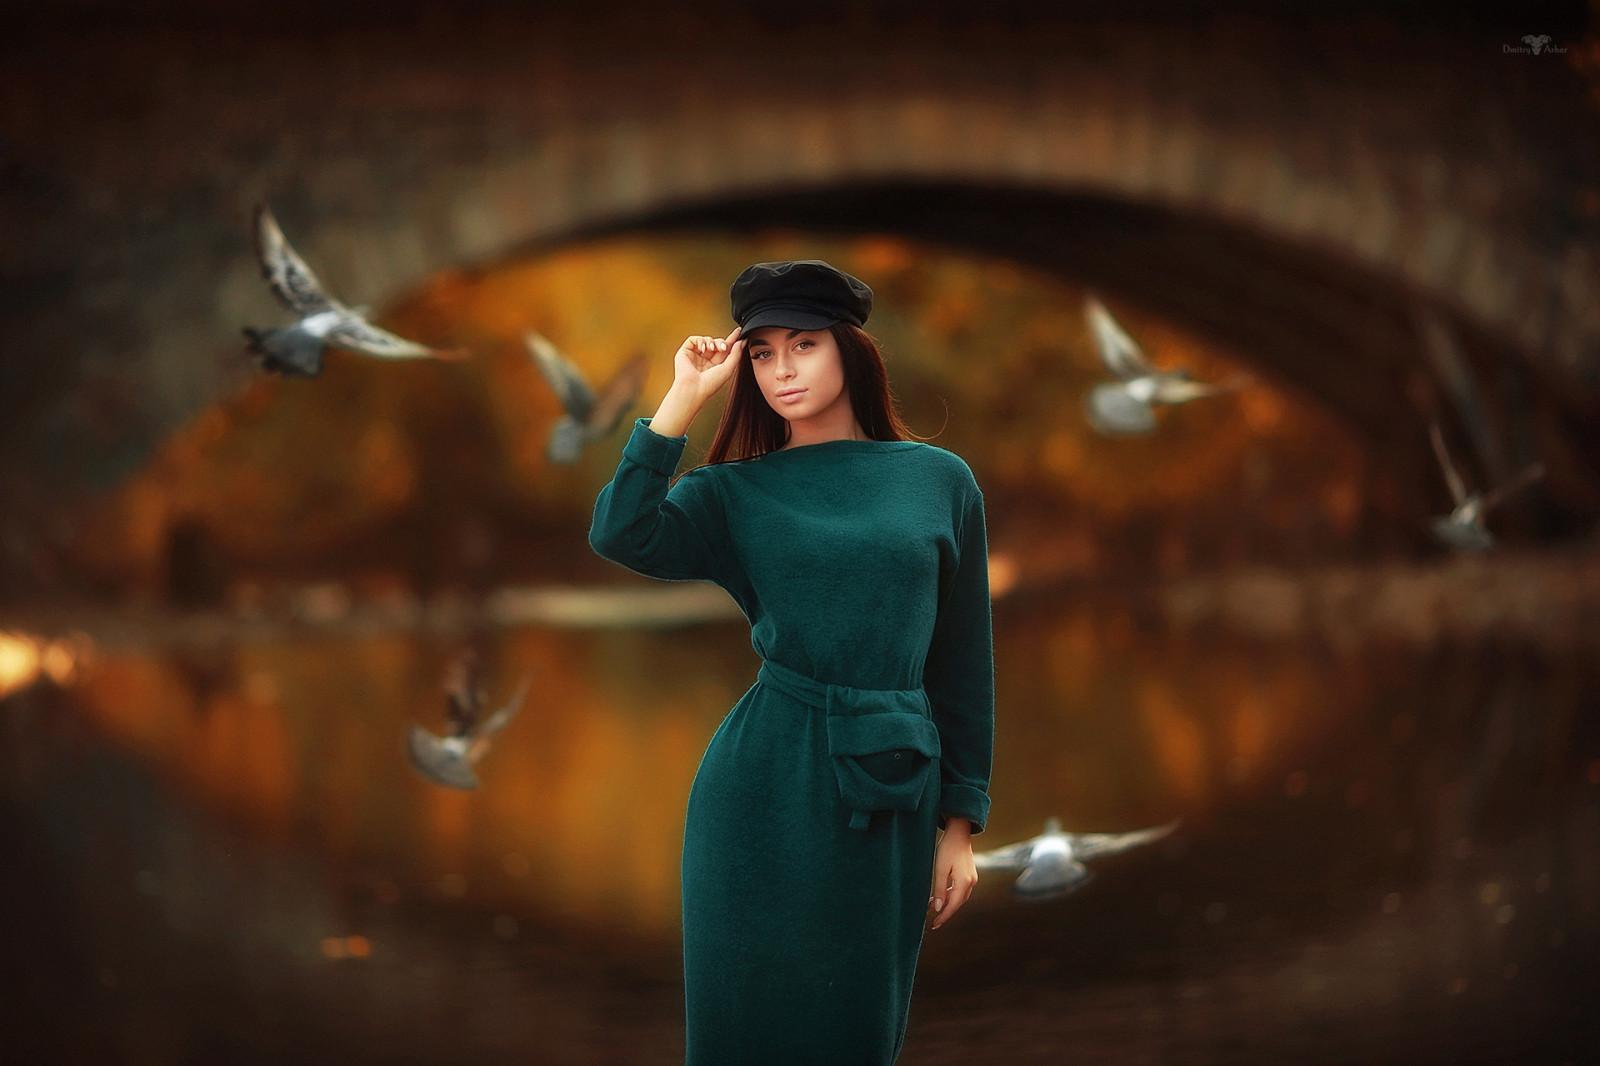 Fondos de pantalla : mujer, modelo, asiático, Mujeres al aire libre, morena, Mirando al